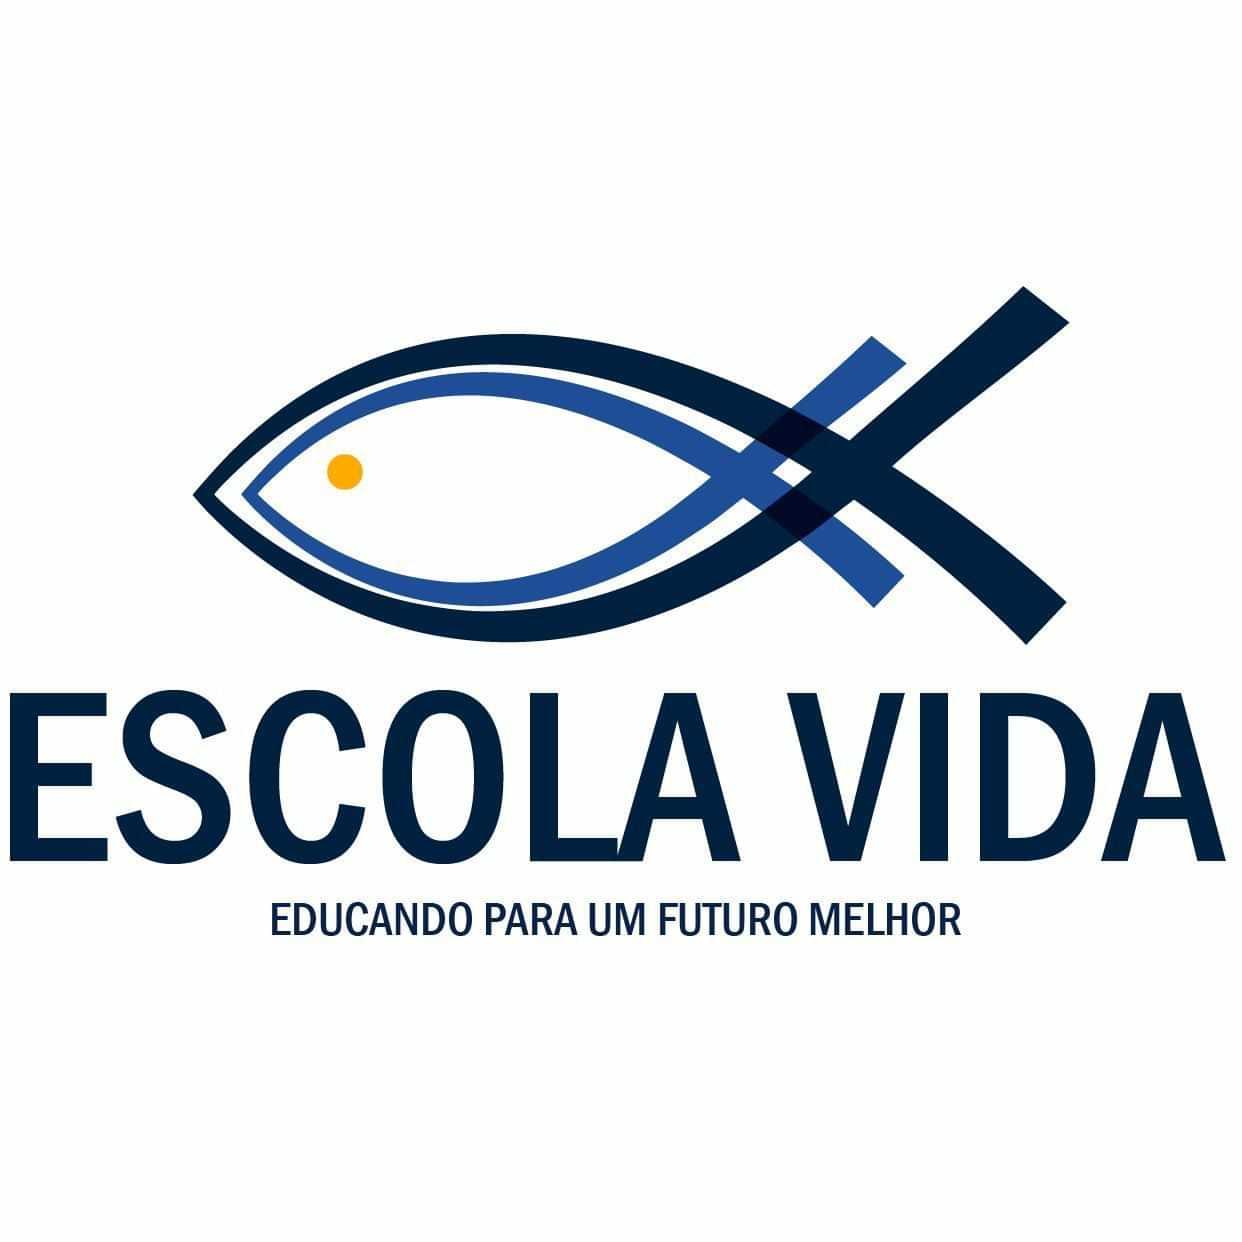 Centro Educacional Andrade Rocha Ltda Jd Esc Vida